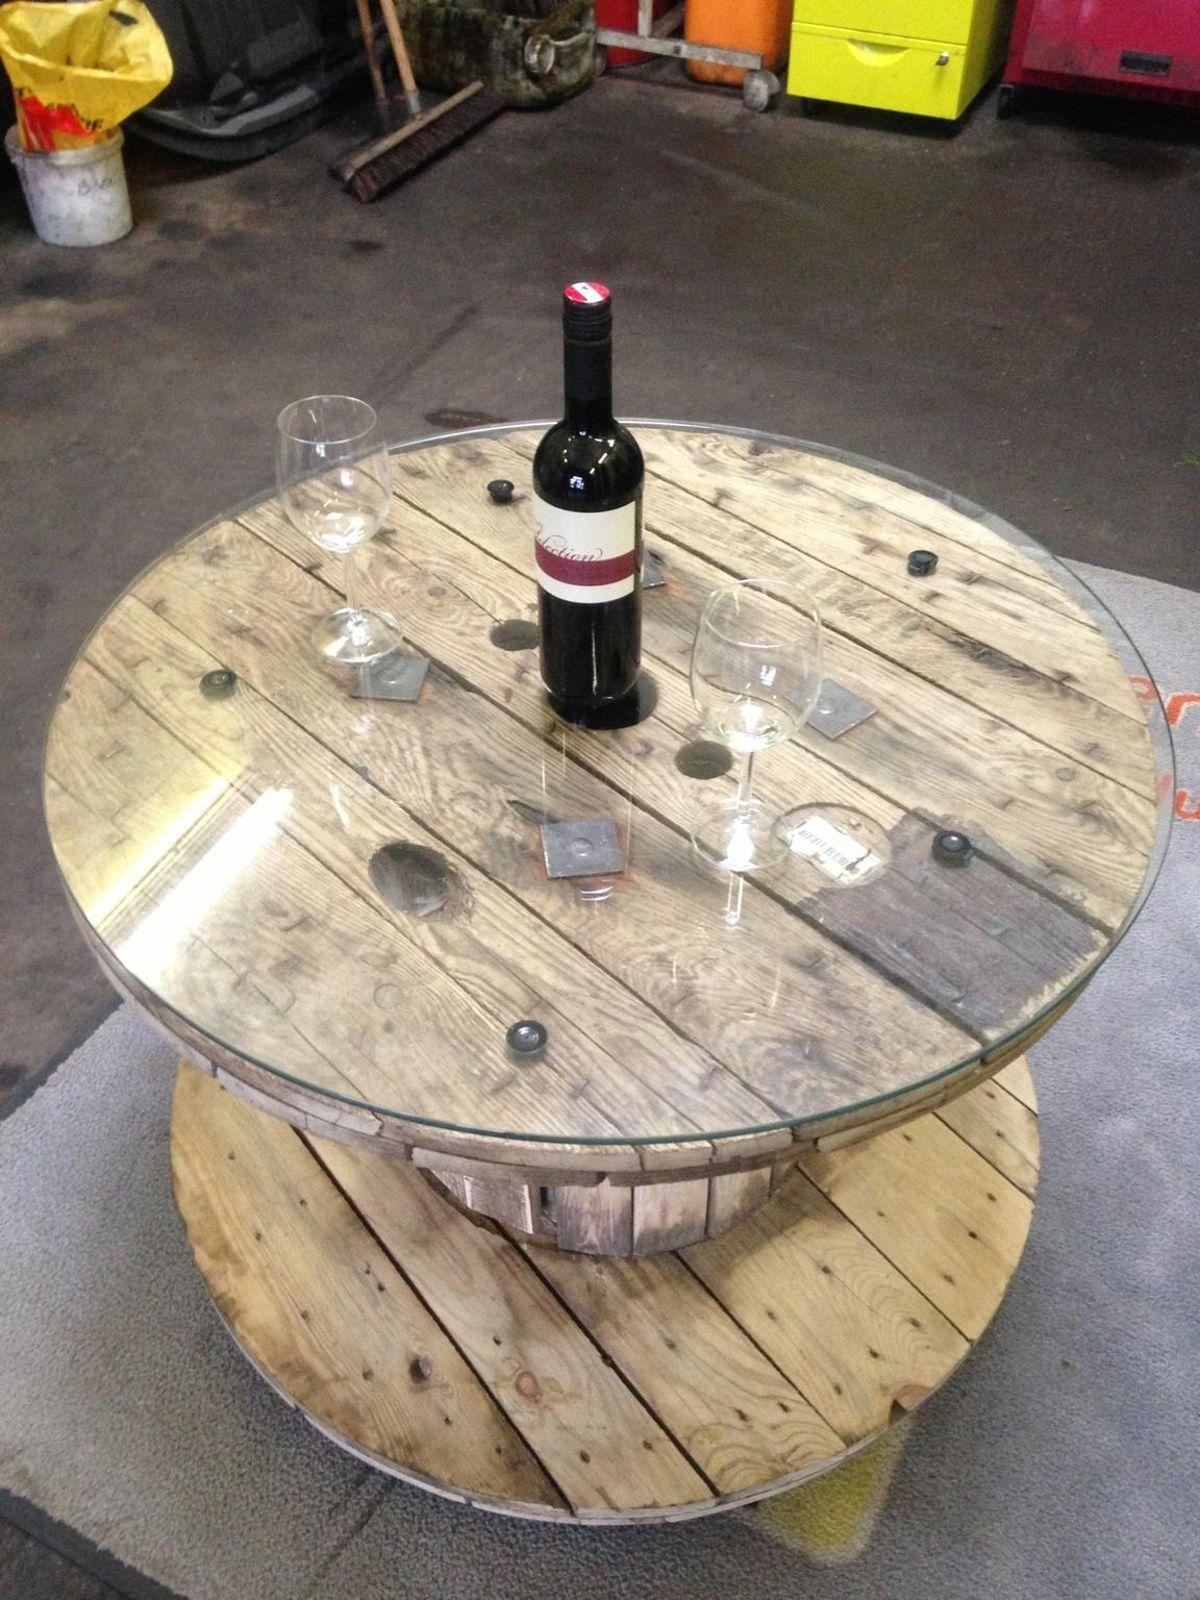 Kabeltrommel tisch tr delmarkt pinterest - Tisch kabeltrommel ...